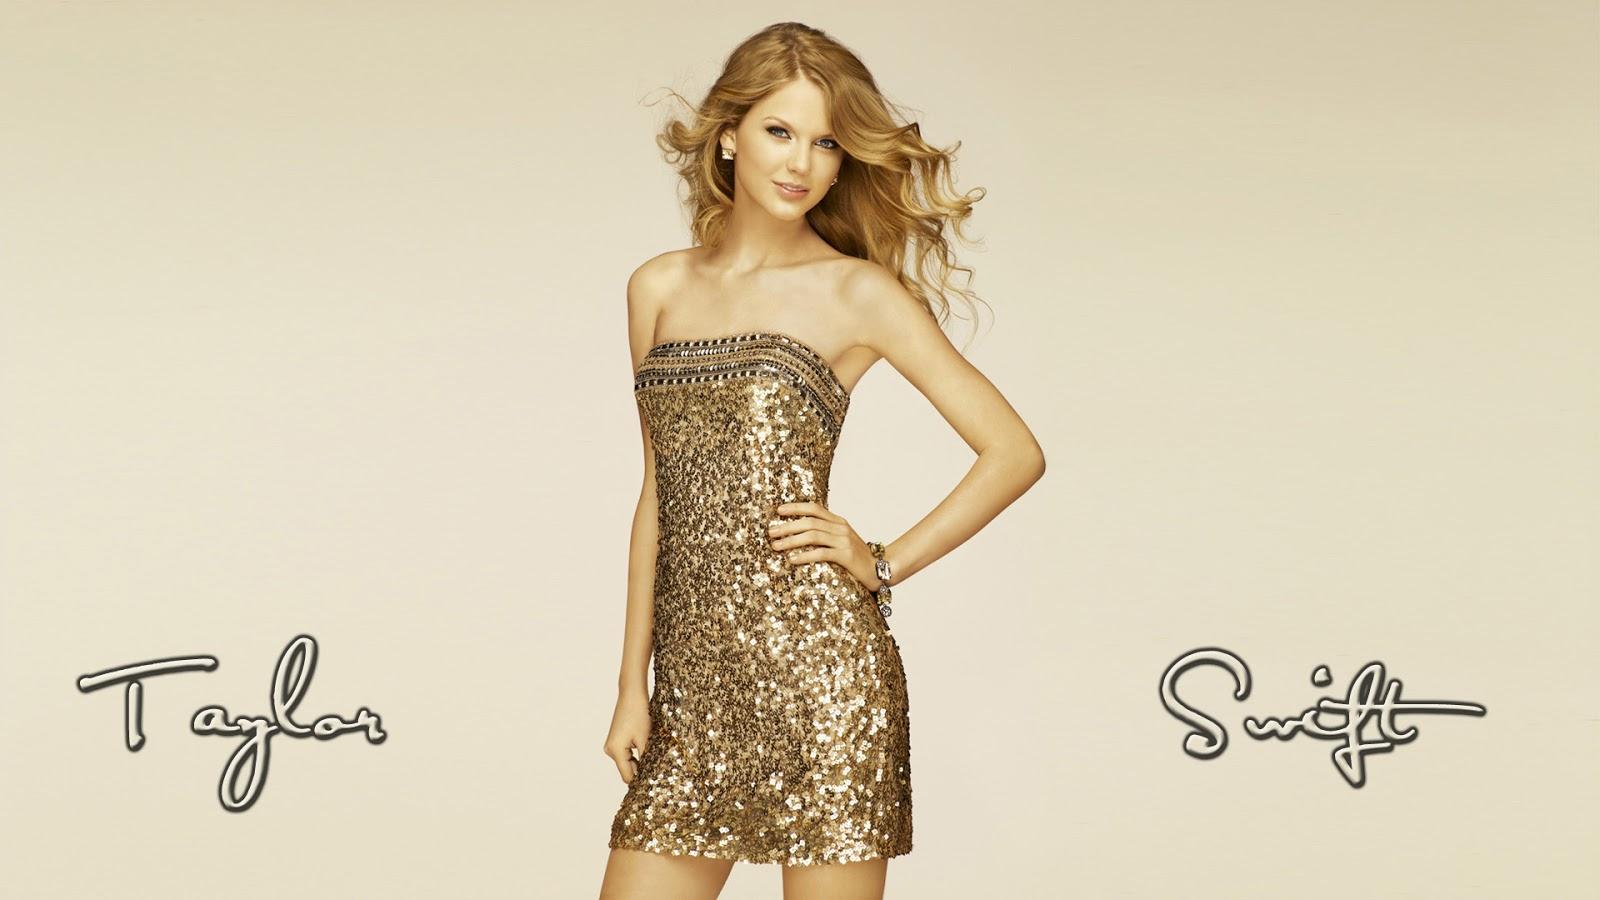 Taylor Swift Golden Dress Wallpaper HD